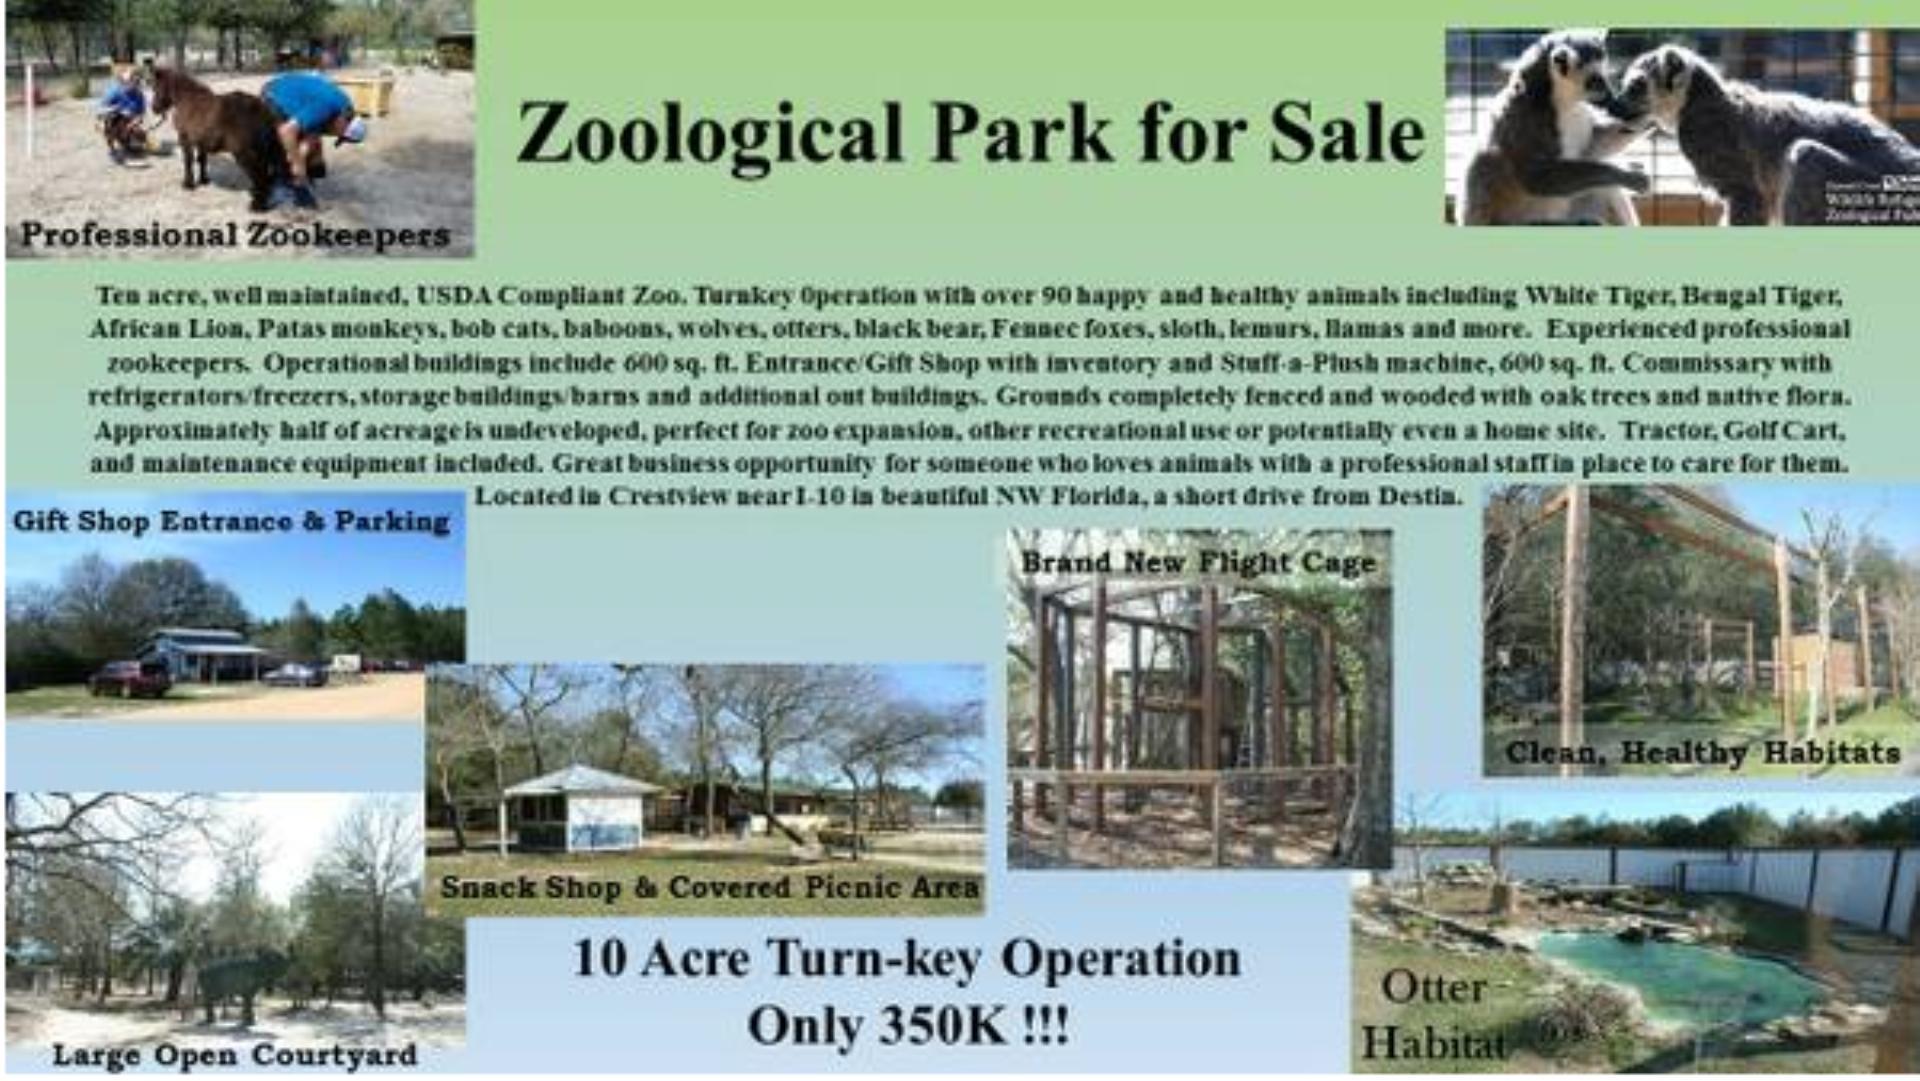 Κάποιος Προσπαθεί να Πουλήσει Έναν Ζωολογικό Κήπο σε Αγγελία